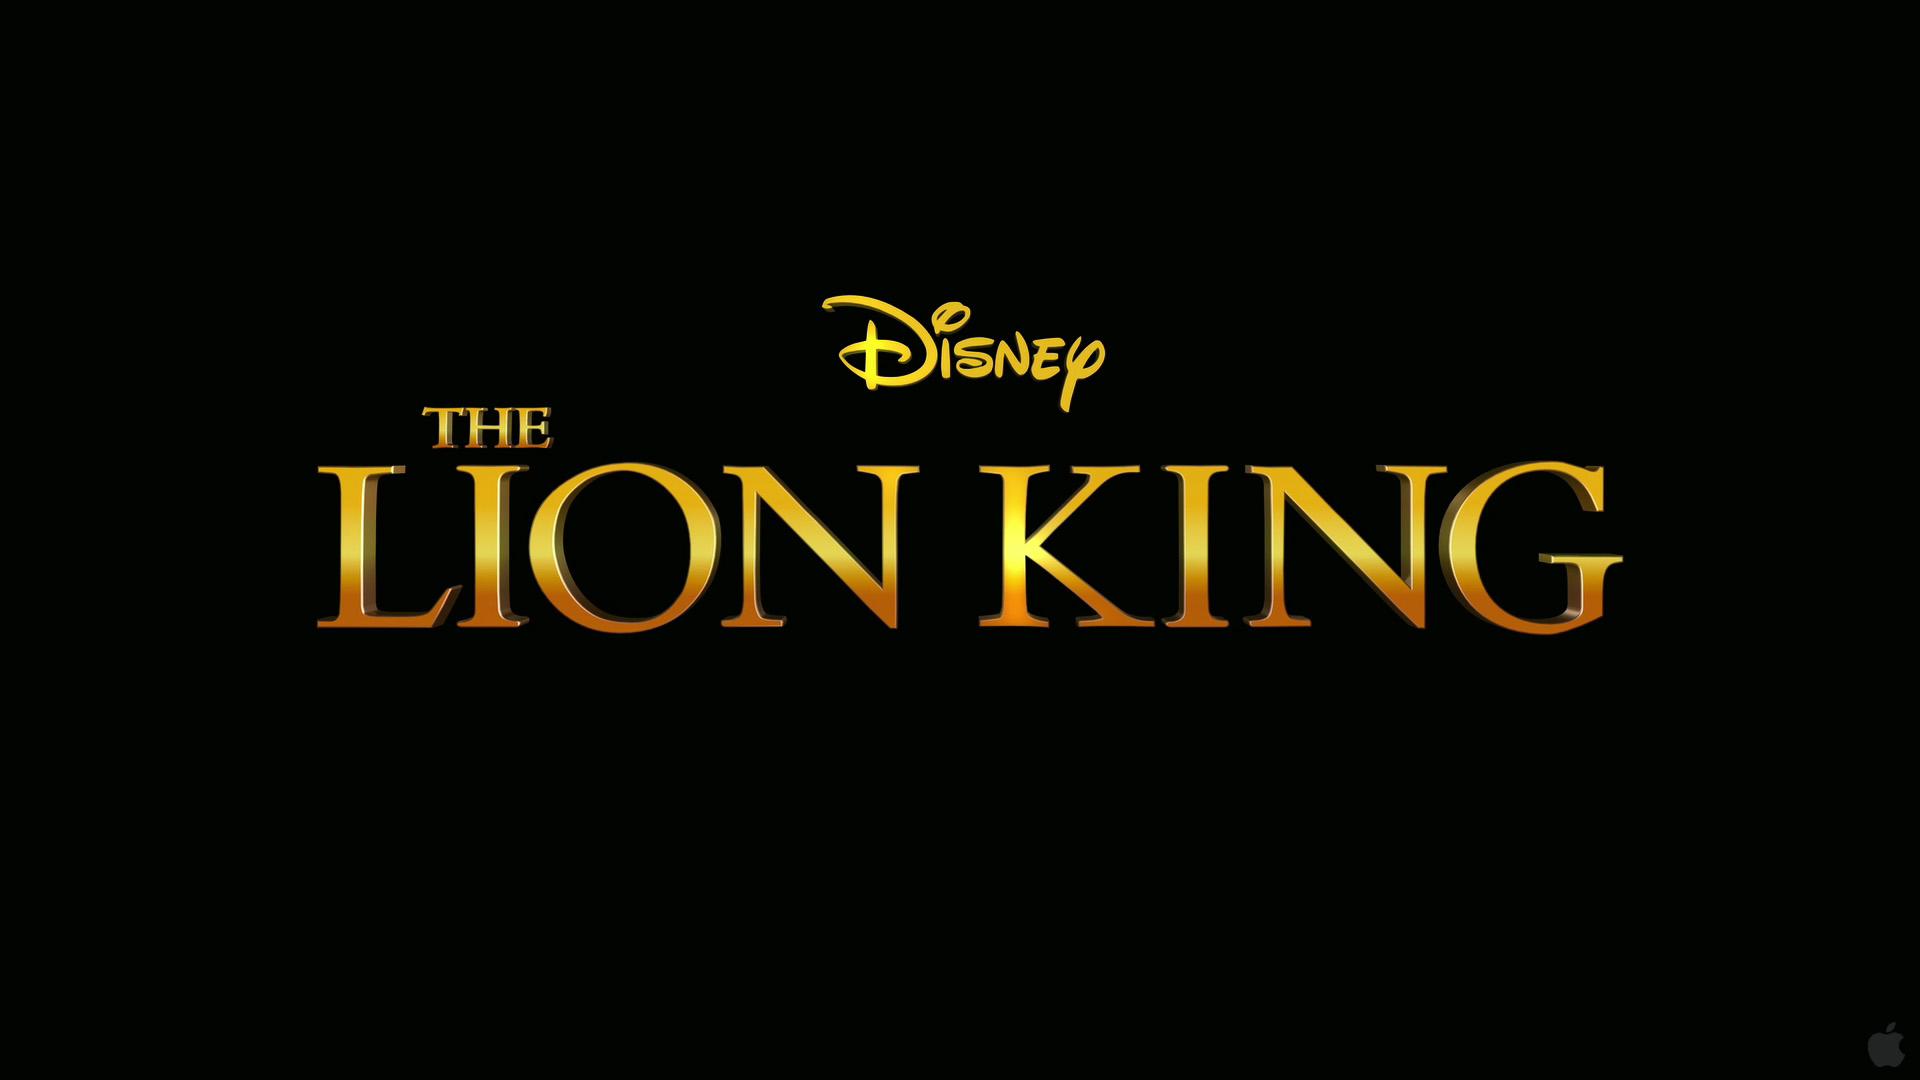 The Lion King Logos